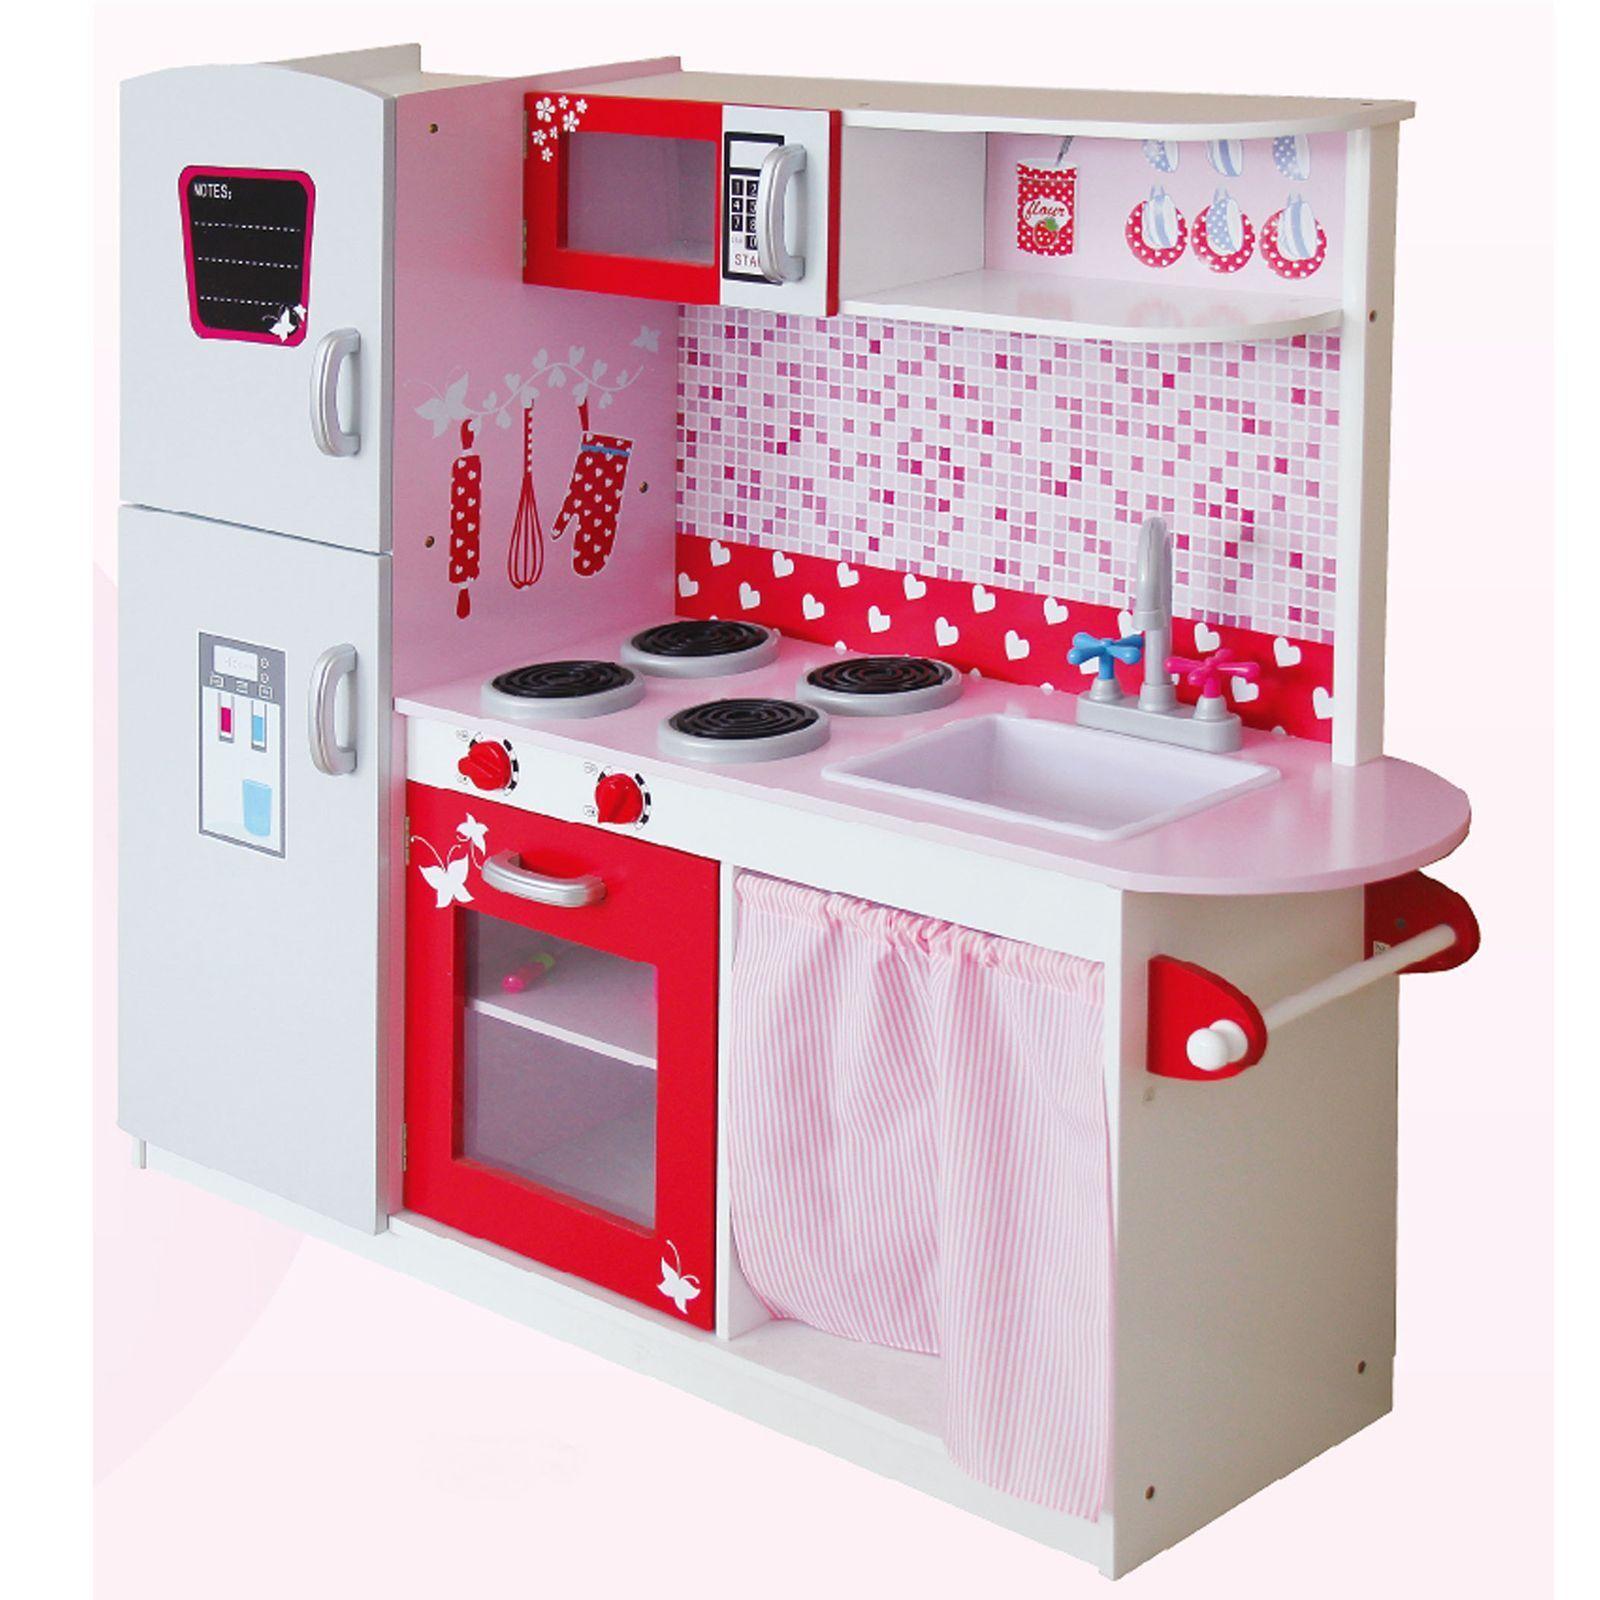 Grand en Bois Cuisine avec Réfrigérateur par Leomark - Rose - Neuf pour Enfants